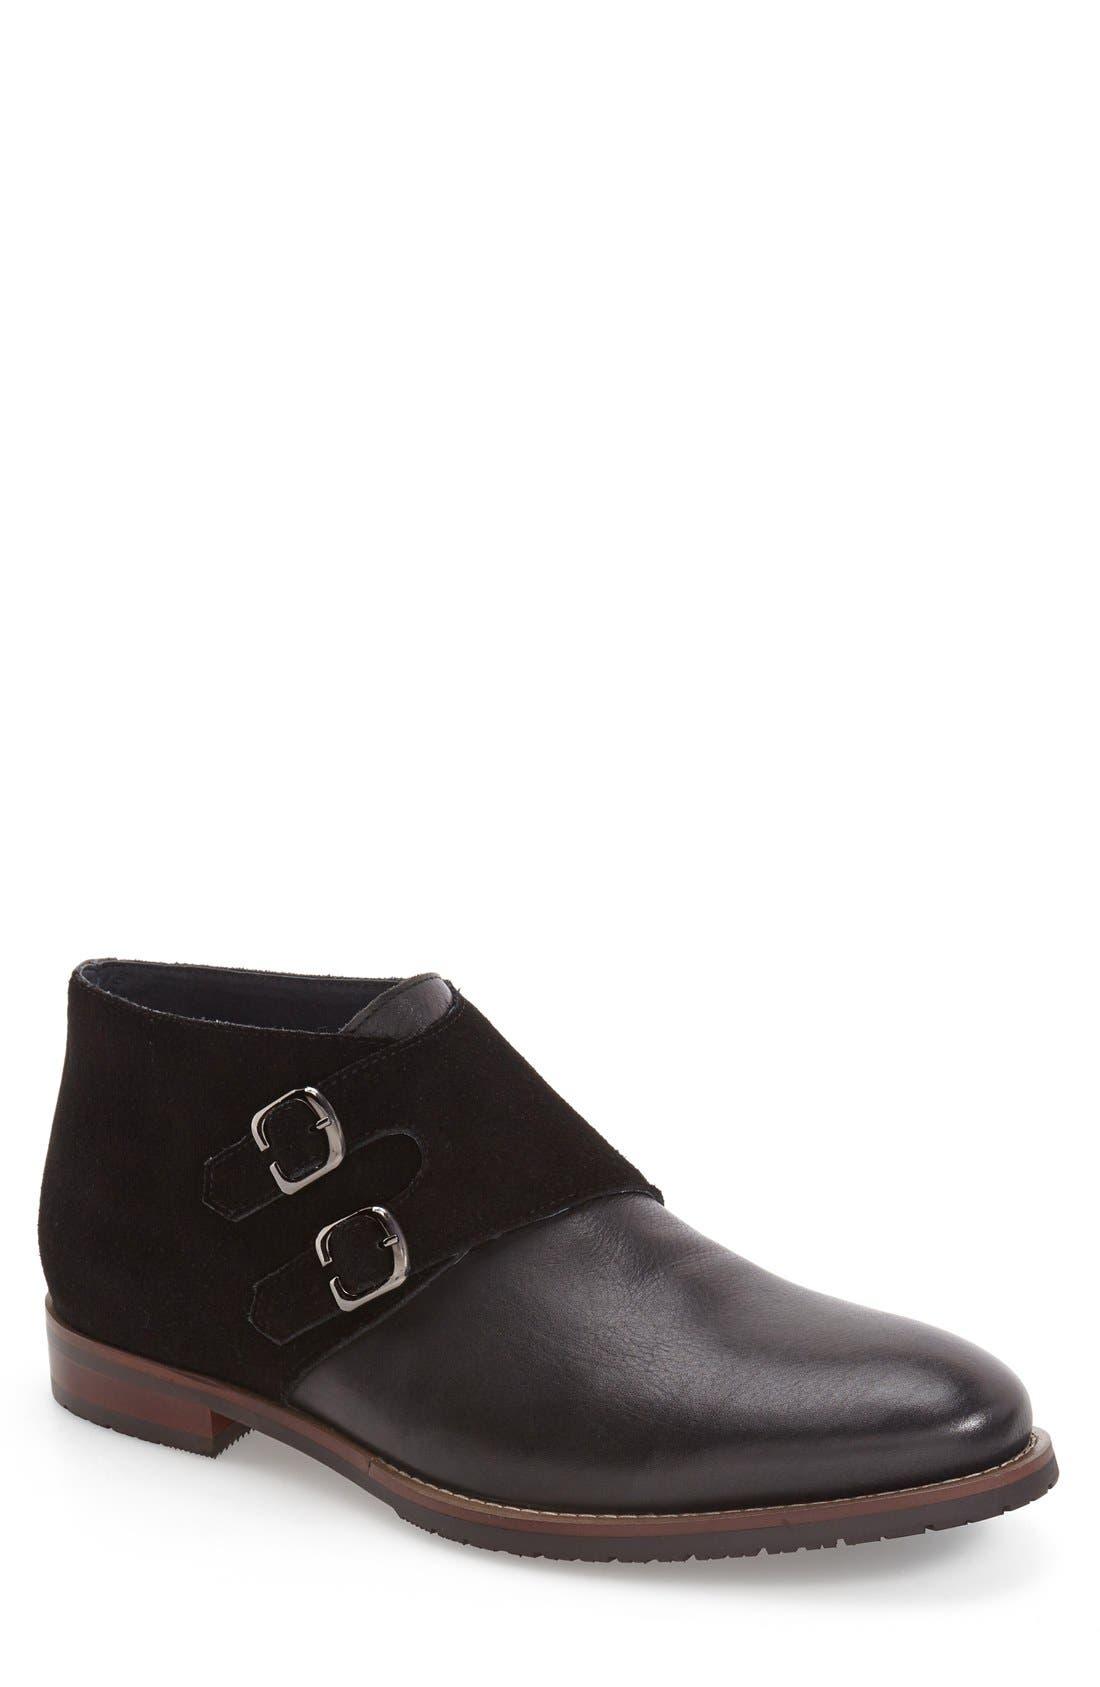 'Napoli' Double Monk Strap Shoe,                         Main,                         color, 001